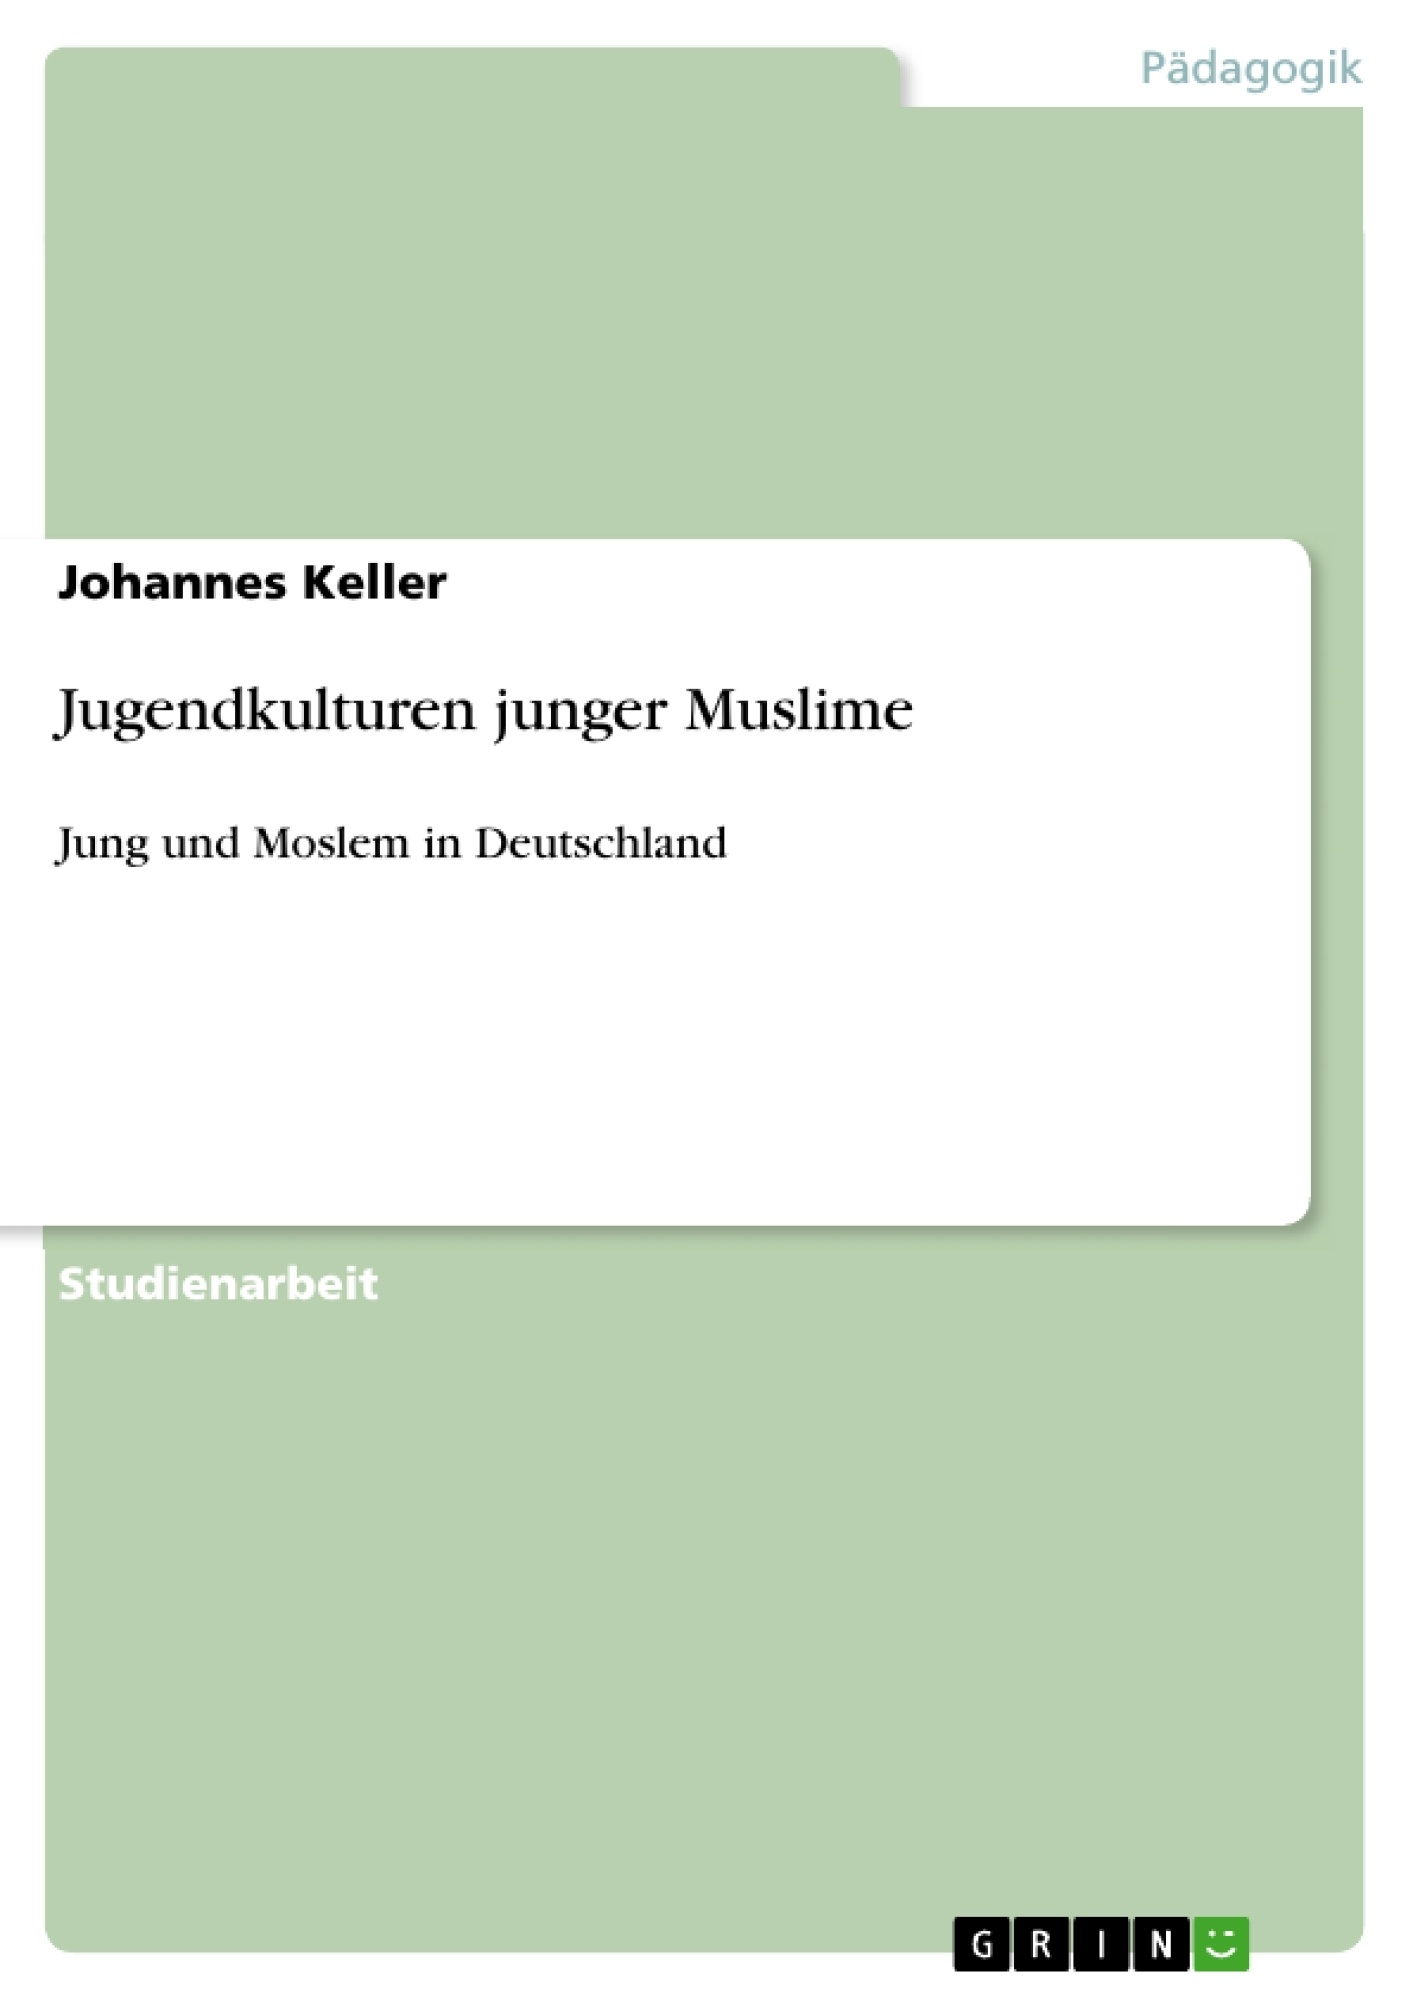 Titel: Jugendkulturen junger Muslime